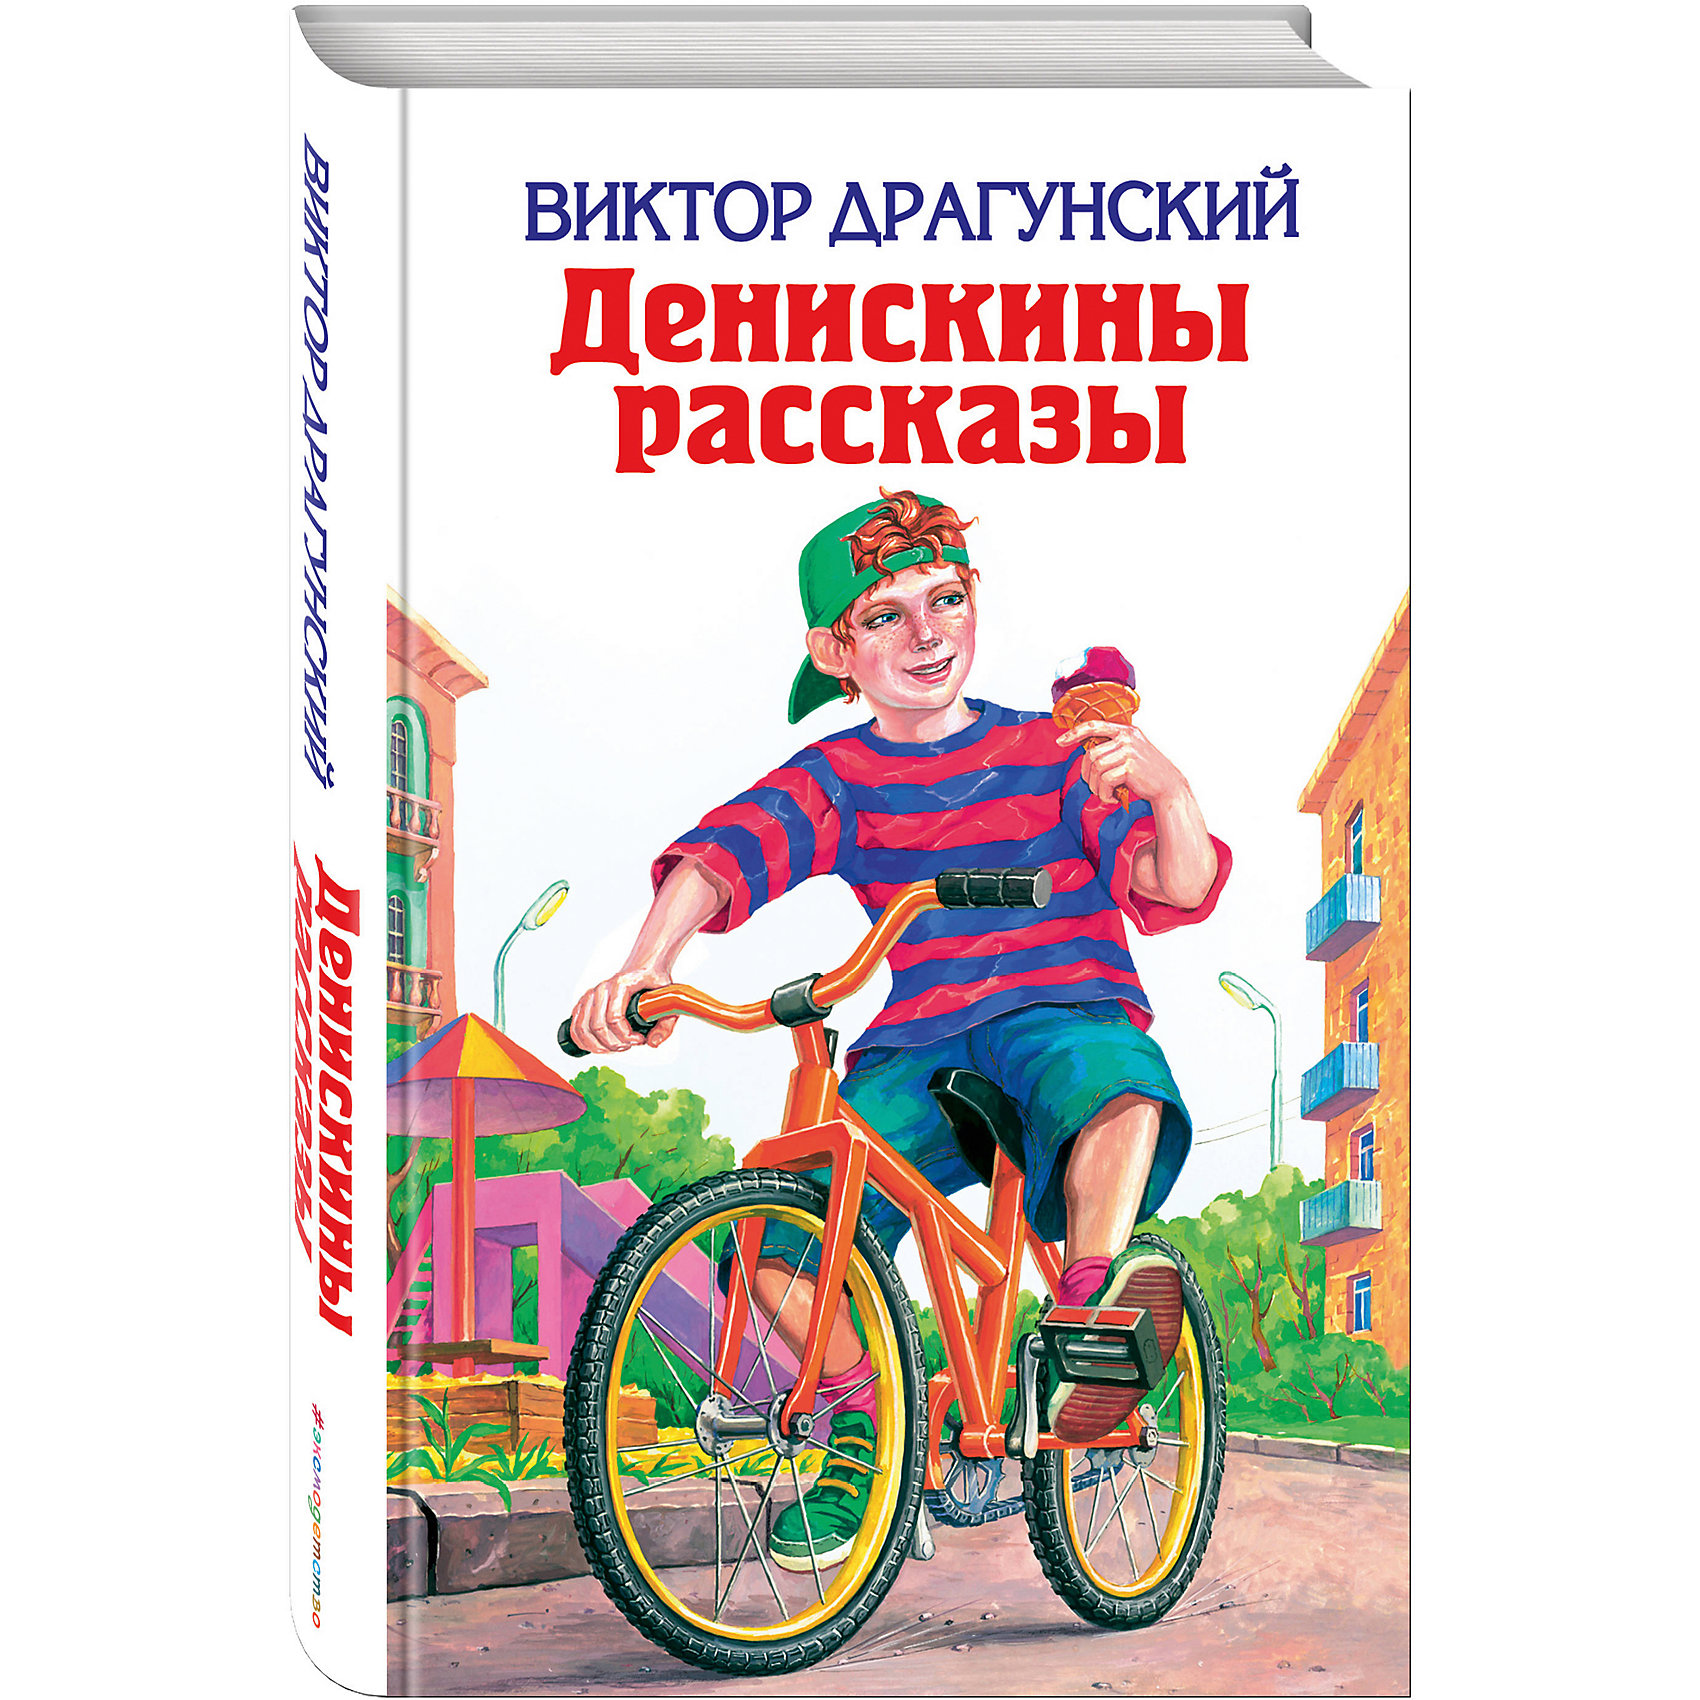 Денискины рассказы, В. ДрагунскийДрагунский В.Ю.<br>Одна из самых популярных российских книжных серий для детей и подростков. Белый фон, красные буквы, яркая иллюстрация как магнитом притягивает мальчишек и девчонок, а также их родителей - и не случайно. В серии собраны лучшие произведения отечественных и зарубежных авторов, когда-либо писавших для 6-13-летних граждан. Наряду с известными произведениями, давно ставшими классикой, в серии представлены новинки детской зарубежной литературы. Покупатели доверяют выбору наших редакторов - едва появившись на прилавке, эти книги становятся бестселлерами.<br><br>Содержание:<br>Что я люблю…<br>...И чего не люблю!<br>Он живой и светится...<br>Слава Ивана Козловского<br>Зеленчатые леопарды<br>Тайное становится явным<br>Мотогонки по отвесной стене<br>Надо иметь чувство юмора<br>Удивительный день<br>Профессор кислых щей<br>И мы!<br>Красный шарик в синем небе<br>Старый мореход<br>Расскажите мне про Сингапур<br>Девочка на шаре<br>Чики-брык<br>Не хуже вас, цирковых<br>Арбузный переулок<br>Синий кинжал<br>Кот в сапогах<br>Человек с голубым лицом<br>Пожар во флигеле, или Подвиг во льдах<br>Хитрый способ<br>На Садовой большое движение<br>Где это видано, где это слыхано...<br>Смерть шпиона Гадюкина<br>Поют колеса - тра-та-та<br>Рыцари<br>Сражение у Чистой речки<br>Ровно 25 кило<br>Похититель собак<br>Сверху вниз, наискосок!<br>Одна капля убивает лошадь<br>Куриный бульон<br>Заколдованная буква<br>Шляпа гроссмейстера<br>Не пиф, не паф!<br>Третье место в стиле баттерфляй<br>Живой уголок<br>Запах неба и махорочки<br>Разговаривающая ветчина <br>Рабочие дробят камень<br>Друг детства<br>Независимый Горбушка<br>Англичанин Павля<br>Главные реки<br>Гусиное горло<br>Белые амадины<br>Тиха украинская ночь…<br>Здоровая мысль<br>Мой знакомый медведь<br>Дядя Павел истопник<br>Когда я был маленький<br>Что любит Мишка<br>Подзорная труба<br>Ничего изменить нельзя<br>Слон и радио<br><br>Ширина мм: 210<br>Глубина мм: 130<br>Высота мм: 30<br>Вес г: 631<br>В